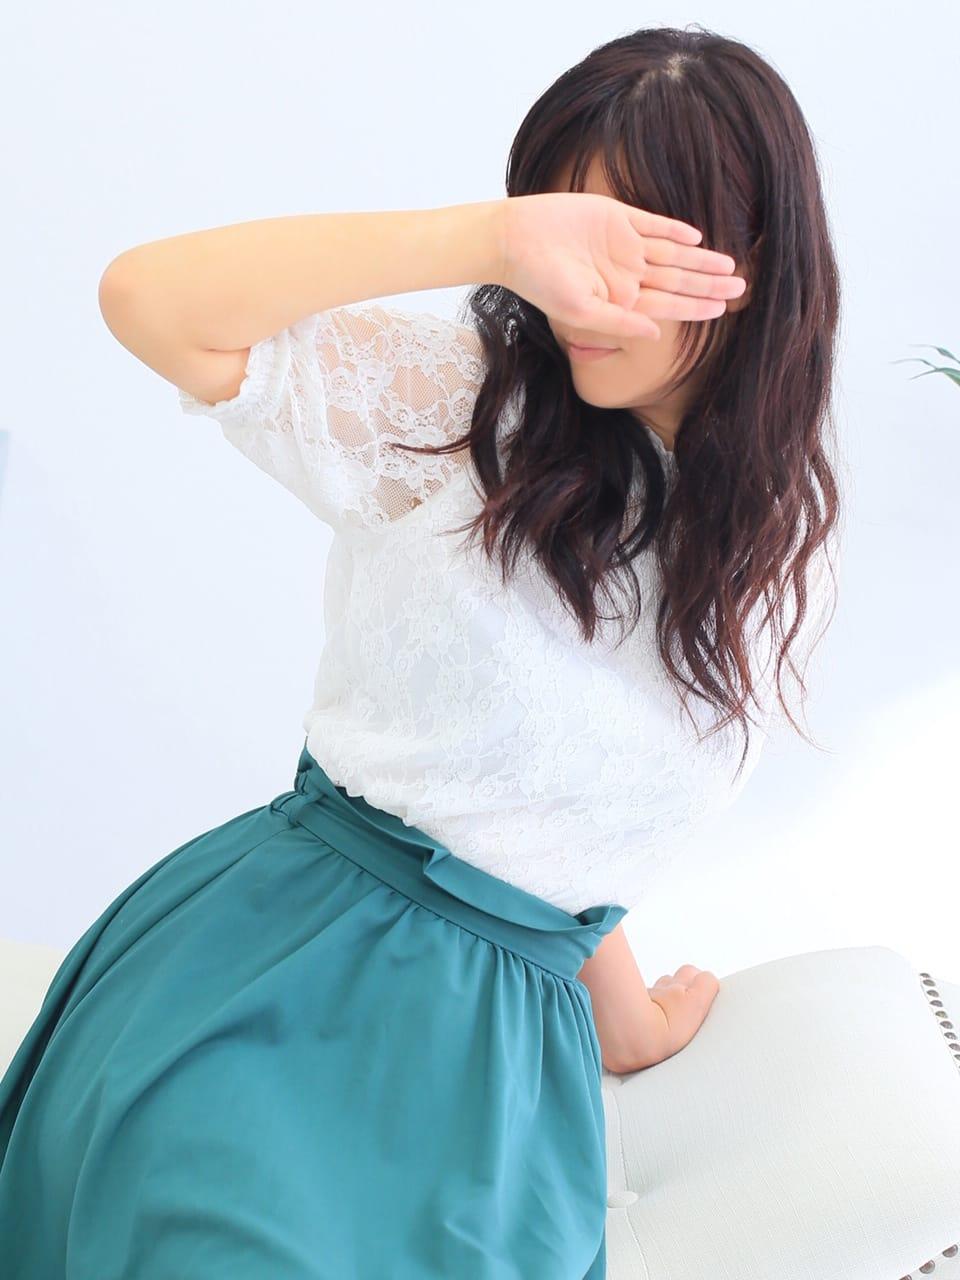 新人★相原 恋人PLAY大好き♡(お姉さん人妻専門店FANTASY)のプロフ写真3枚目